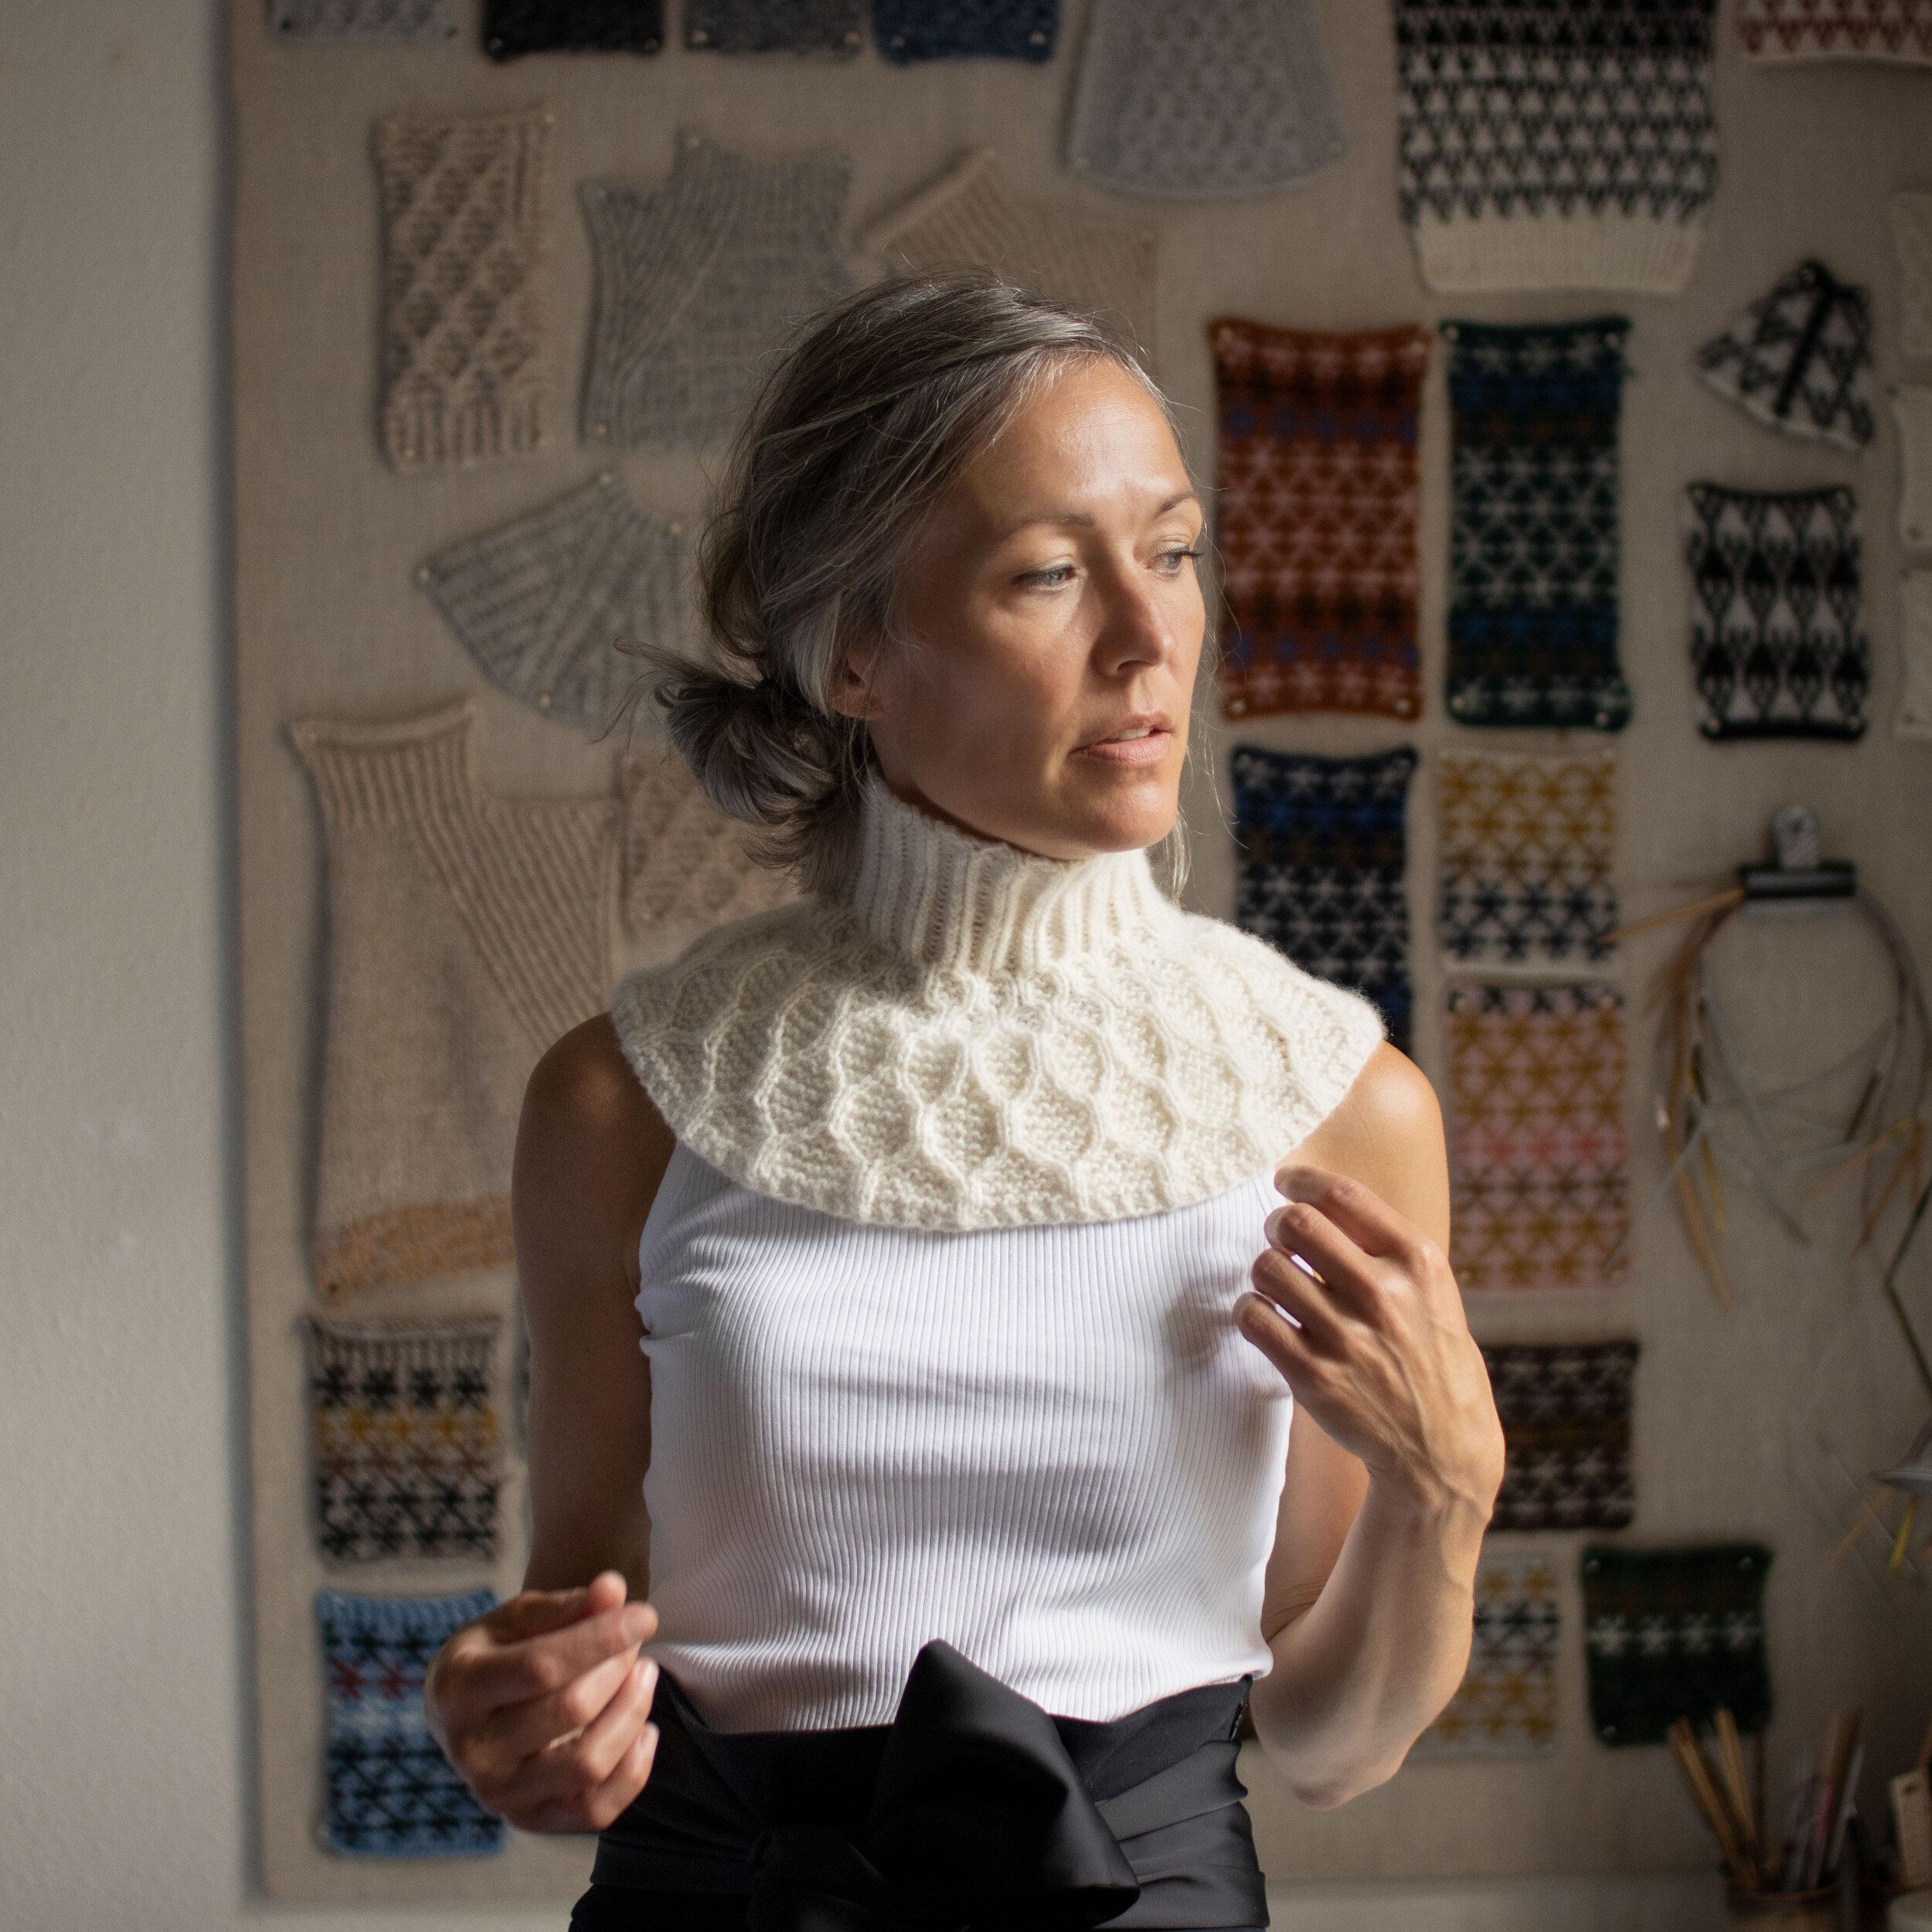 #Cablecowl von Anne Ventzel